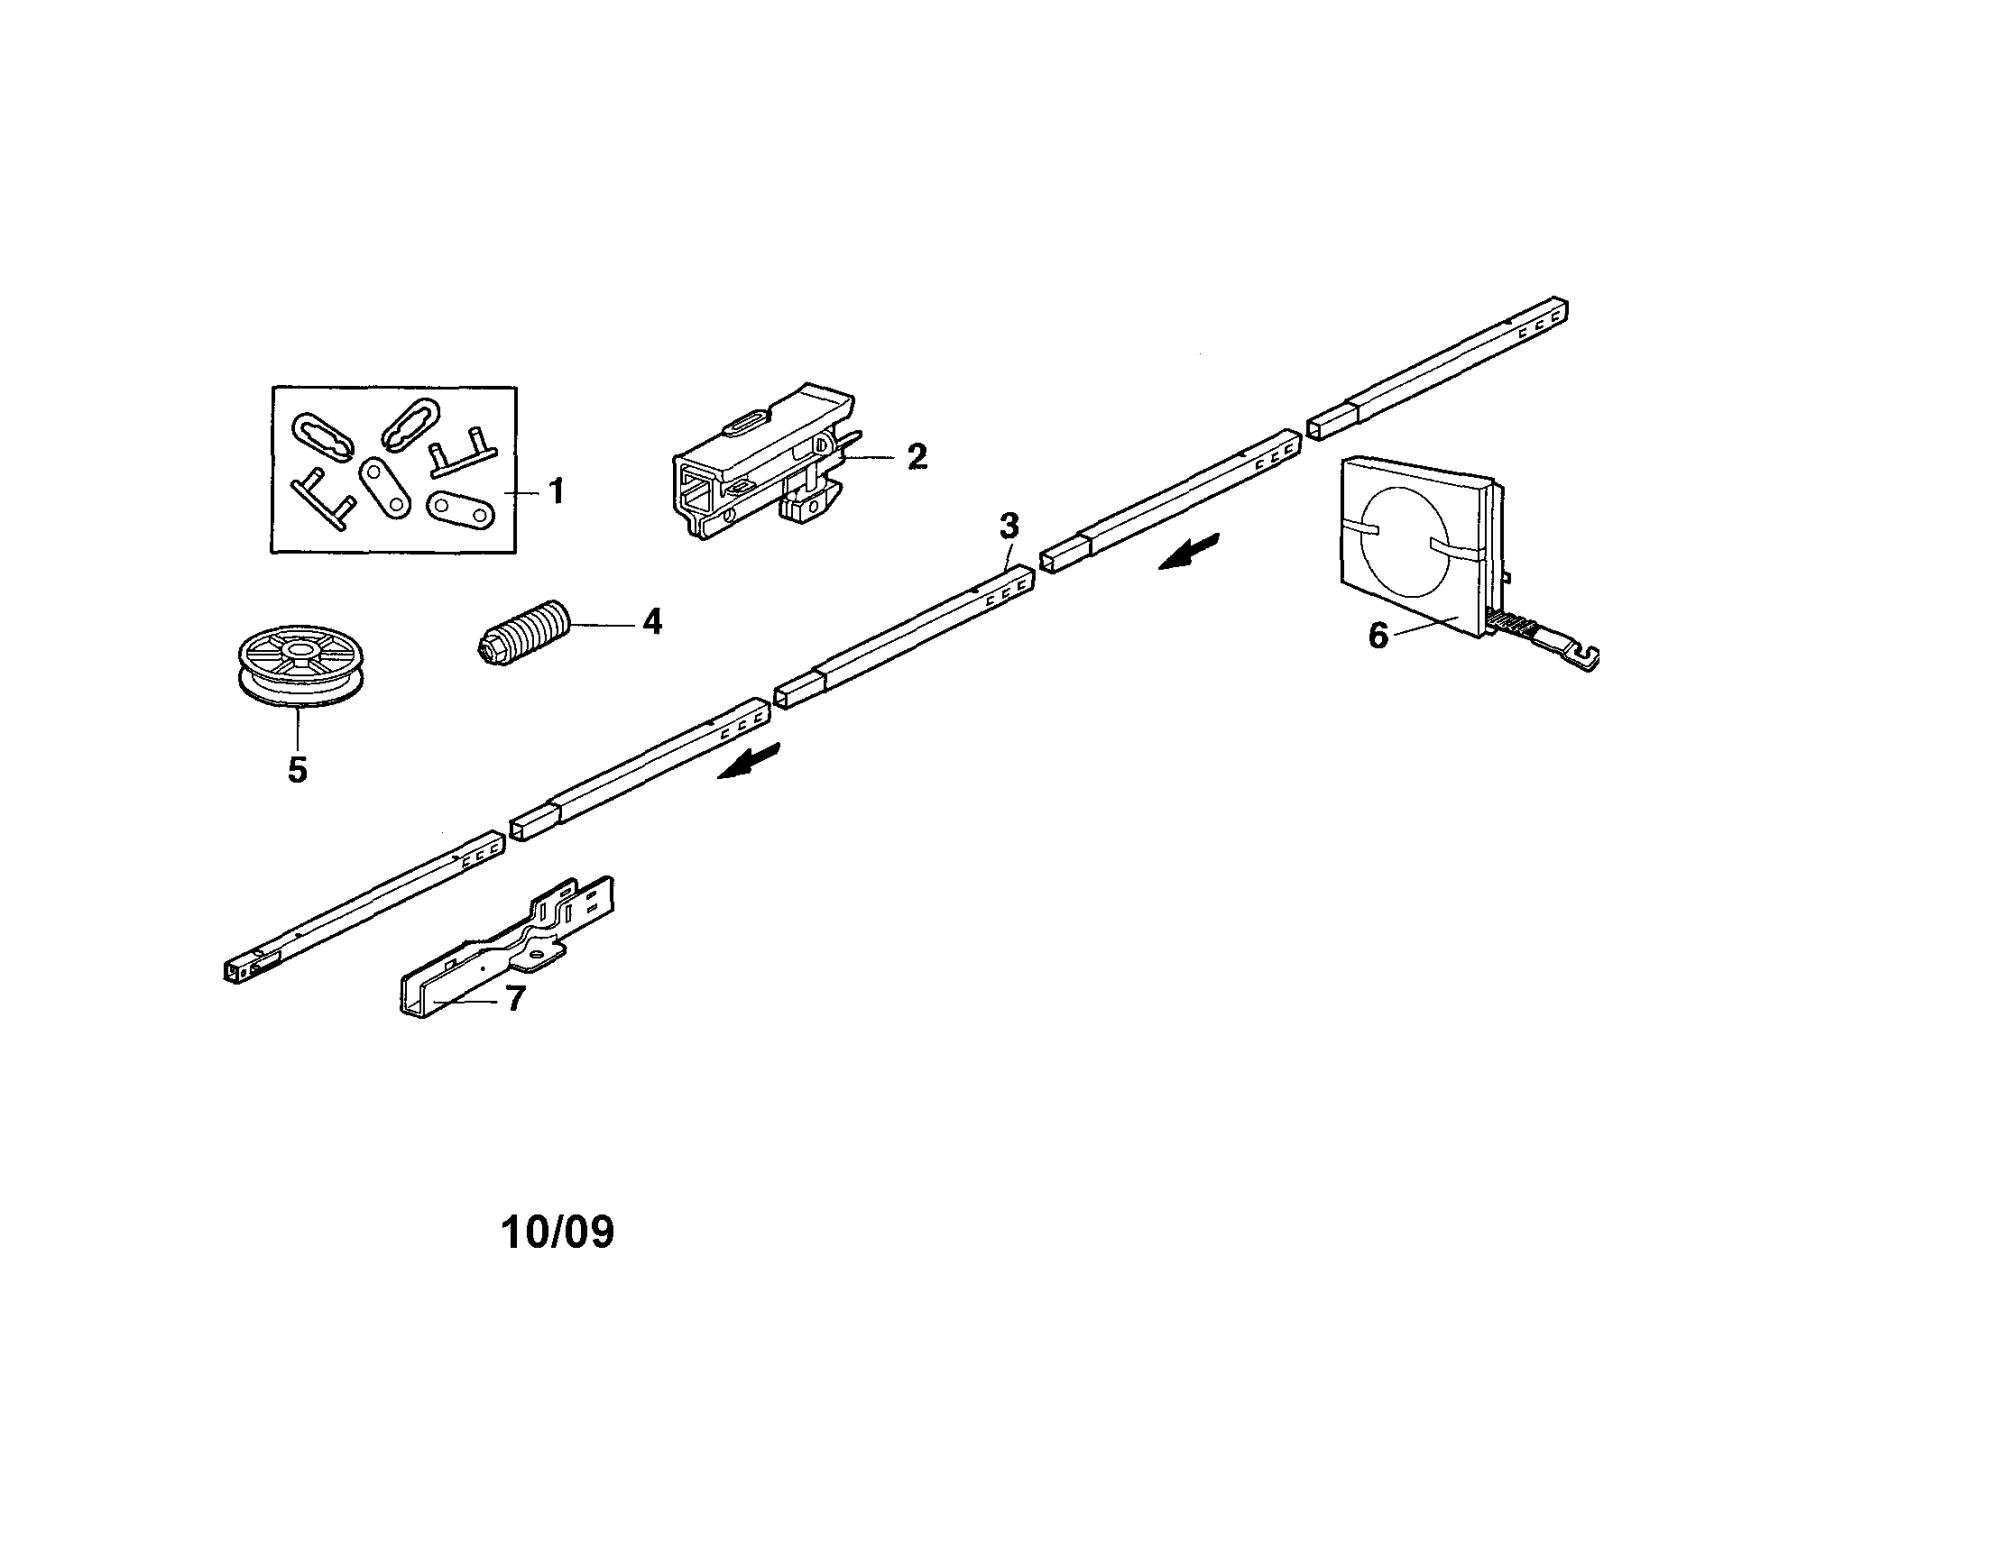 hight resolution of garage door schematic